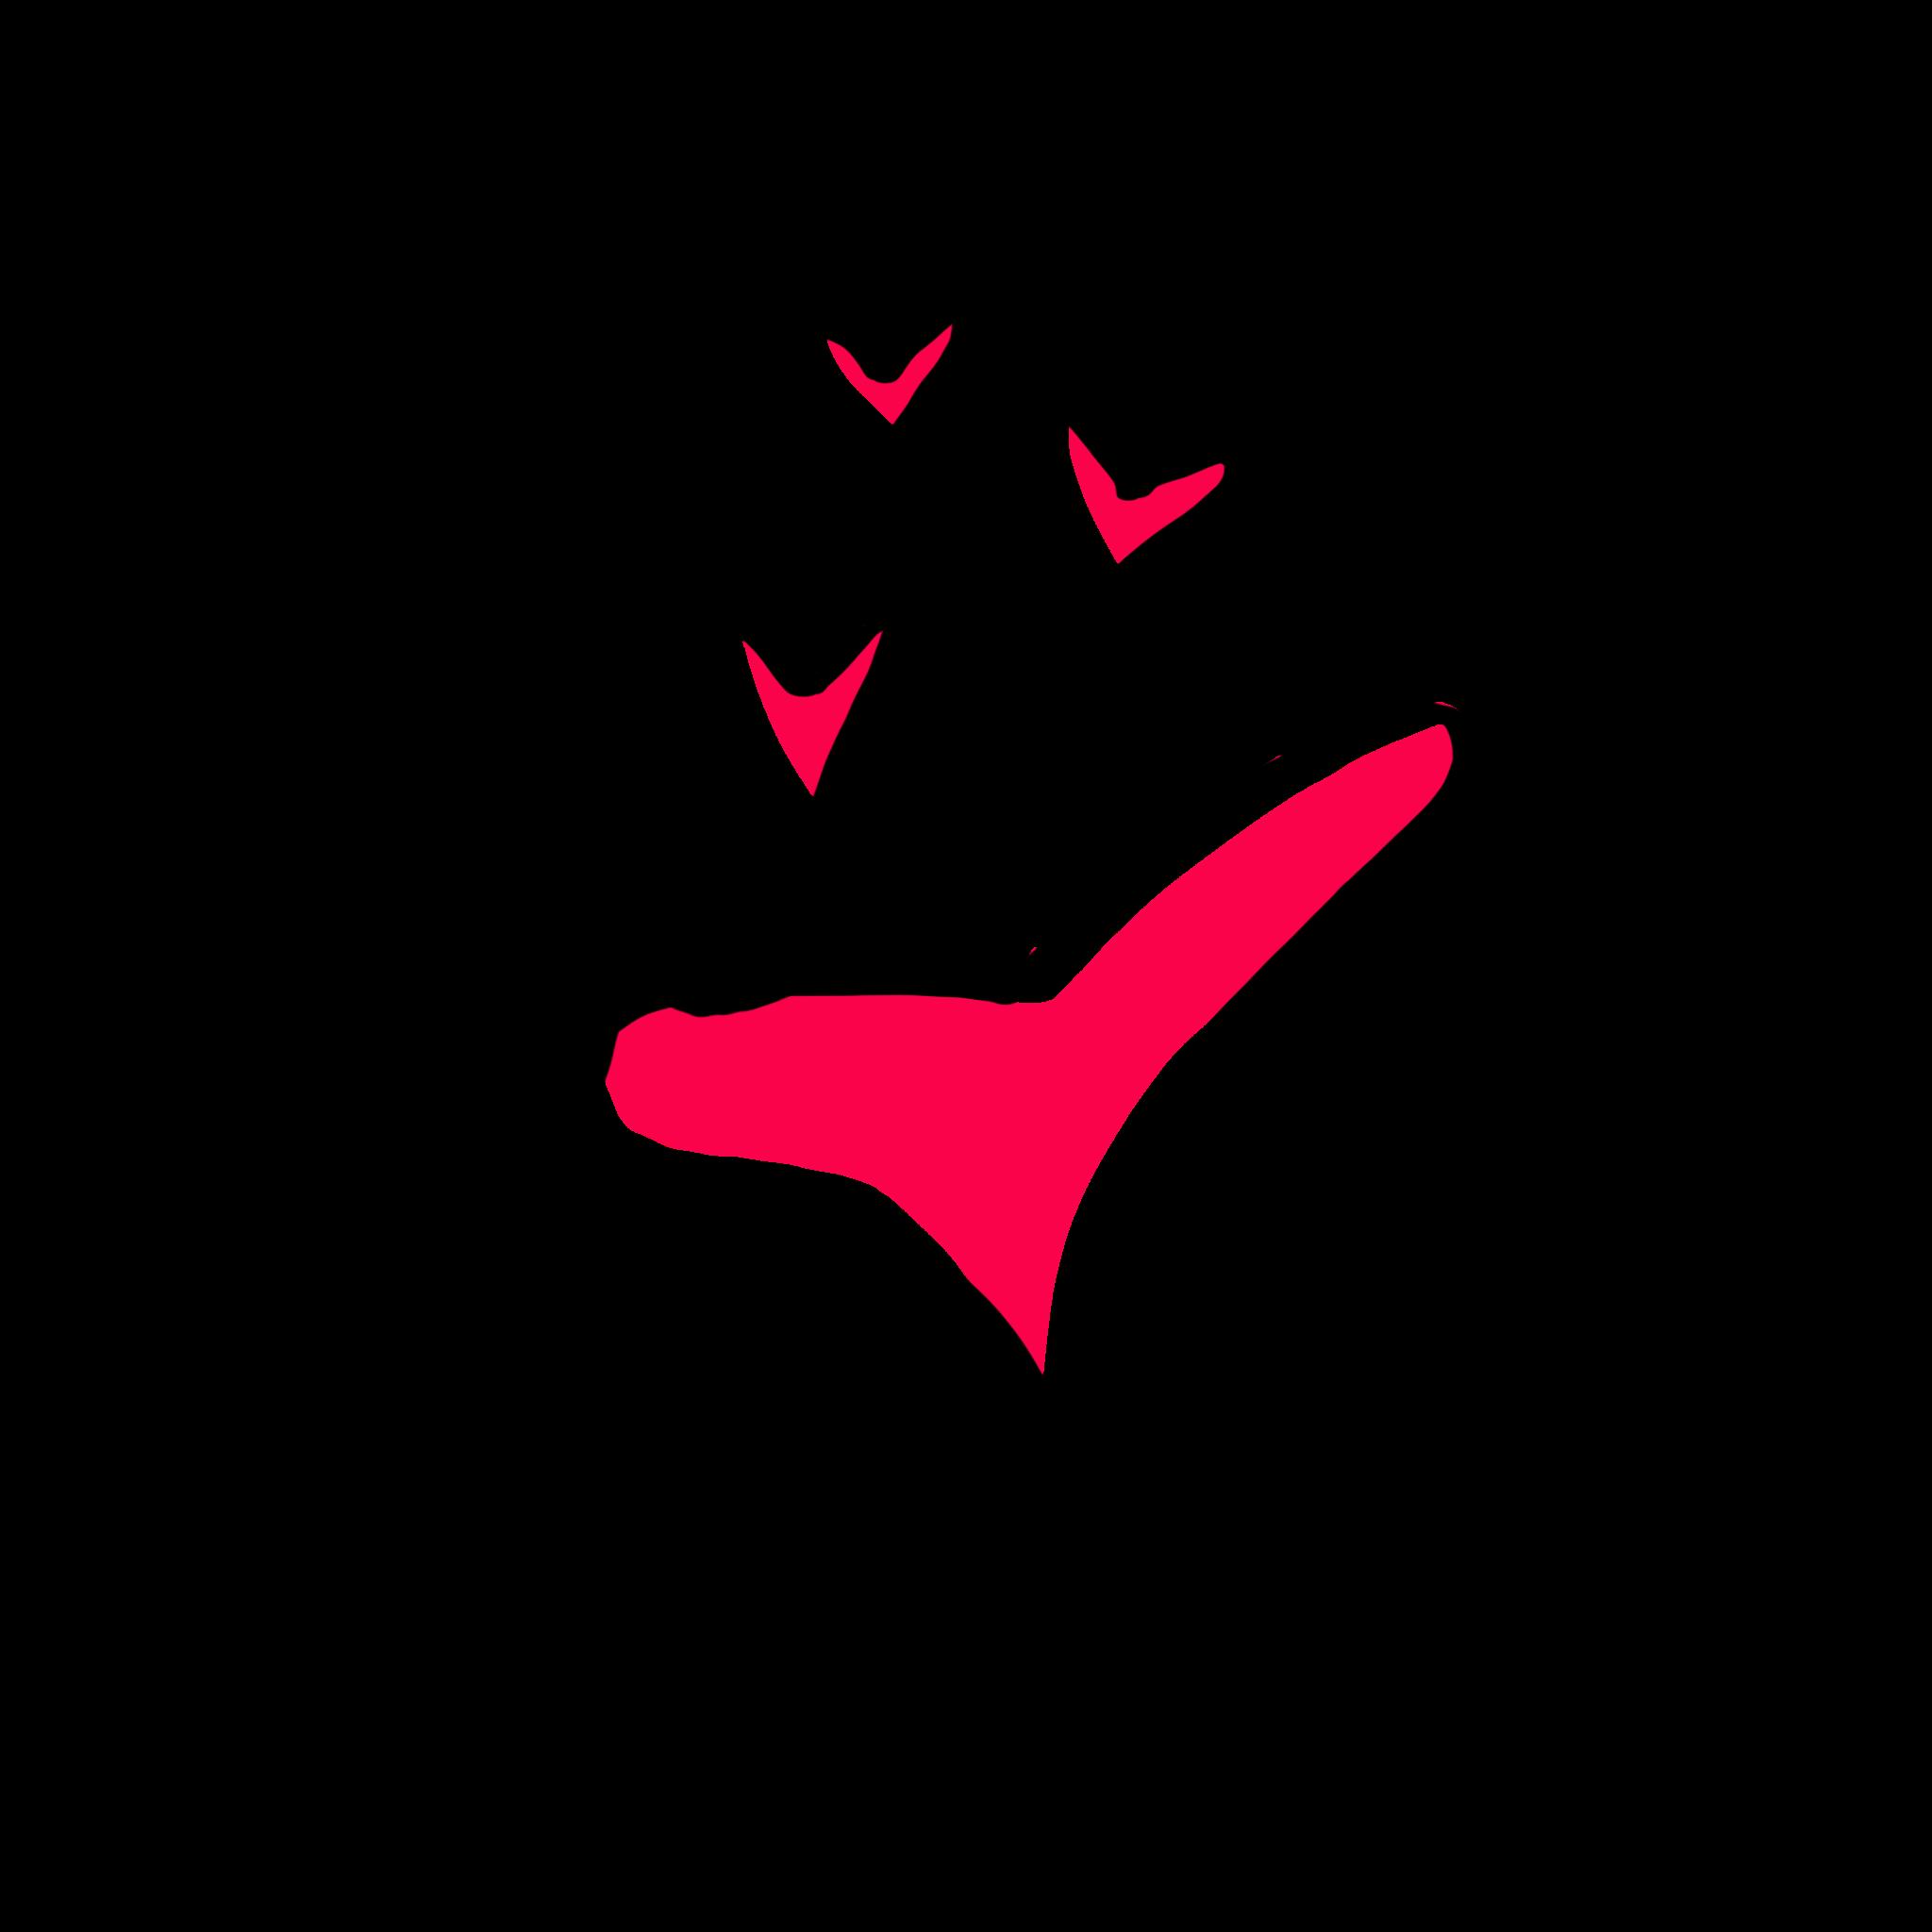 stretcha-en-känsla-illustration-maja-larsson